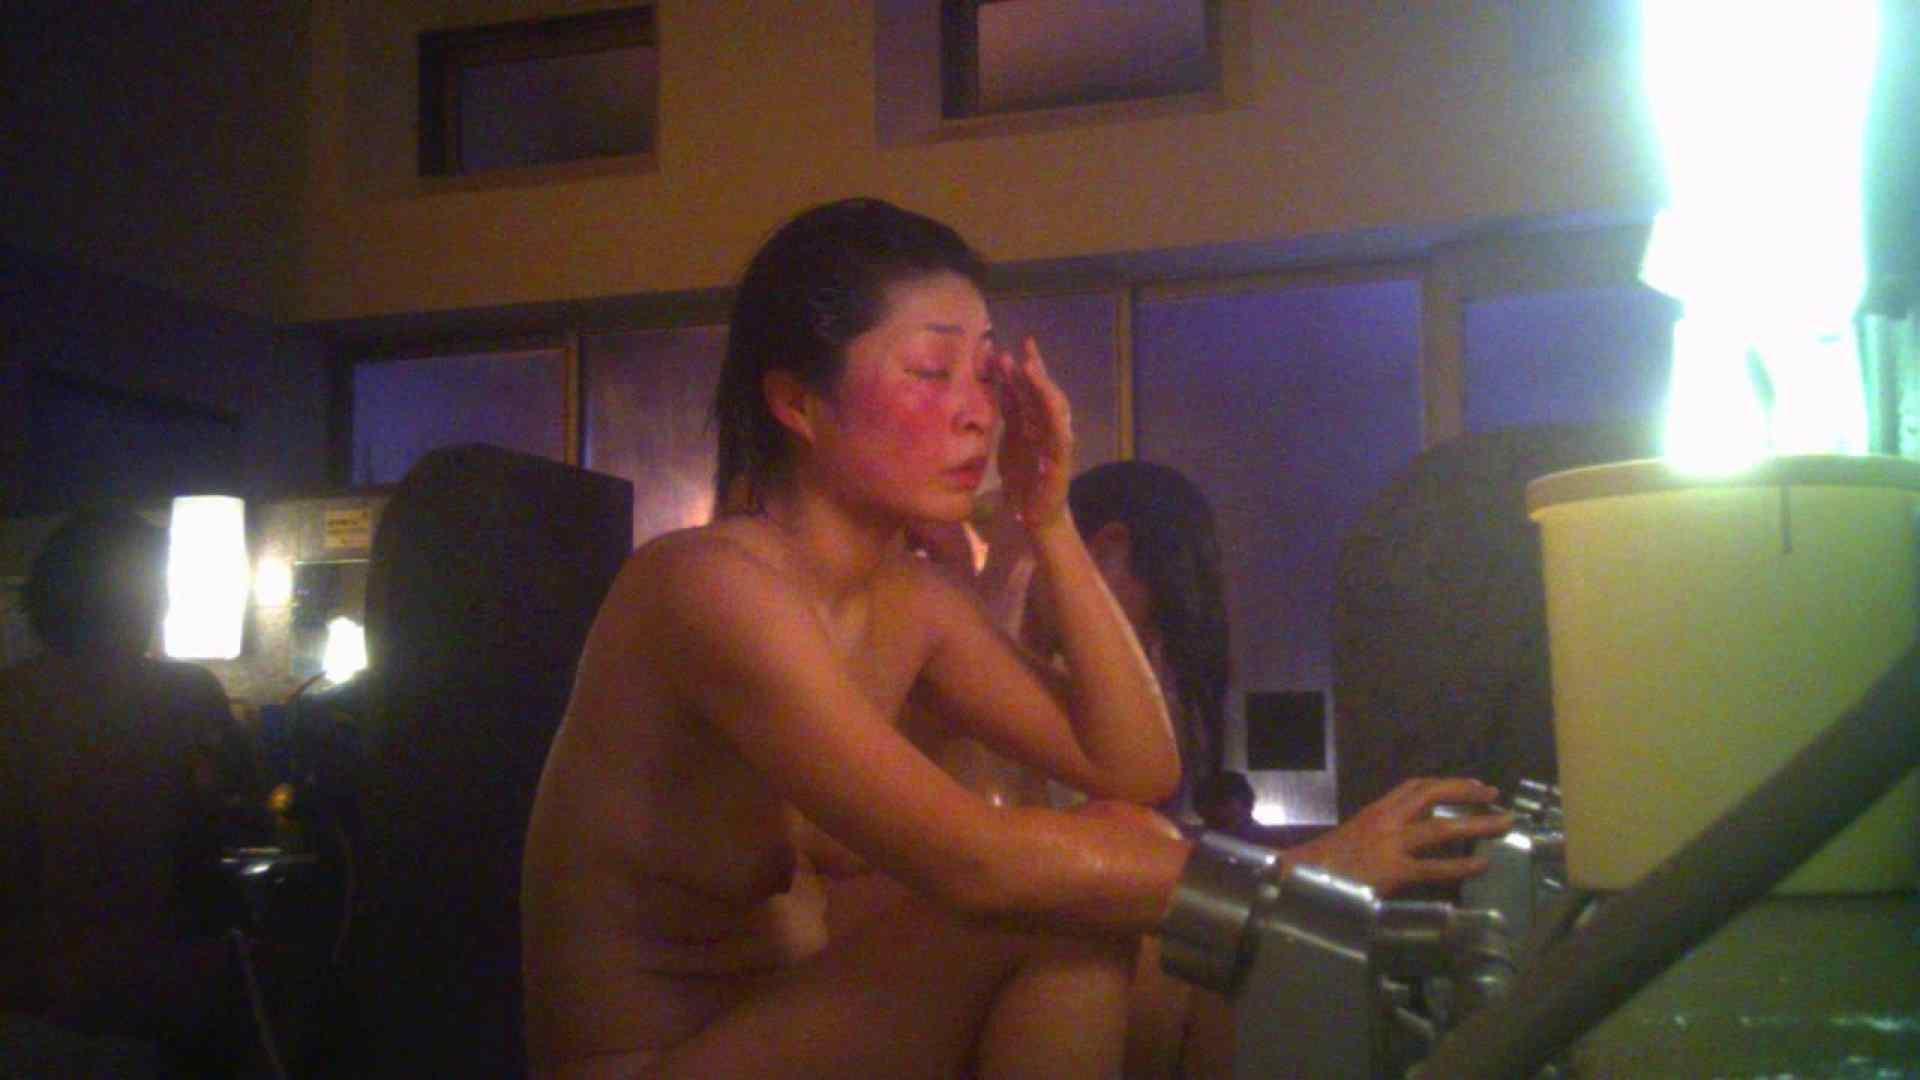 TG.21 【上等兵】井戸端会議が大好きな奥さん 女湯  94PIX 75